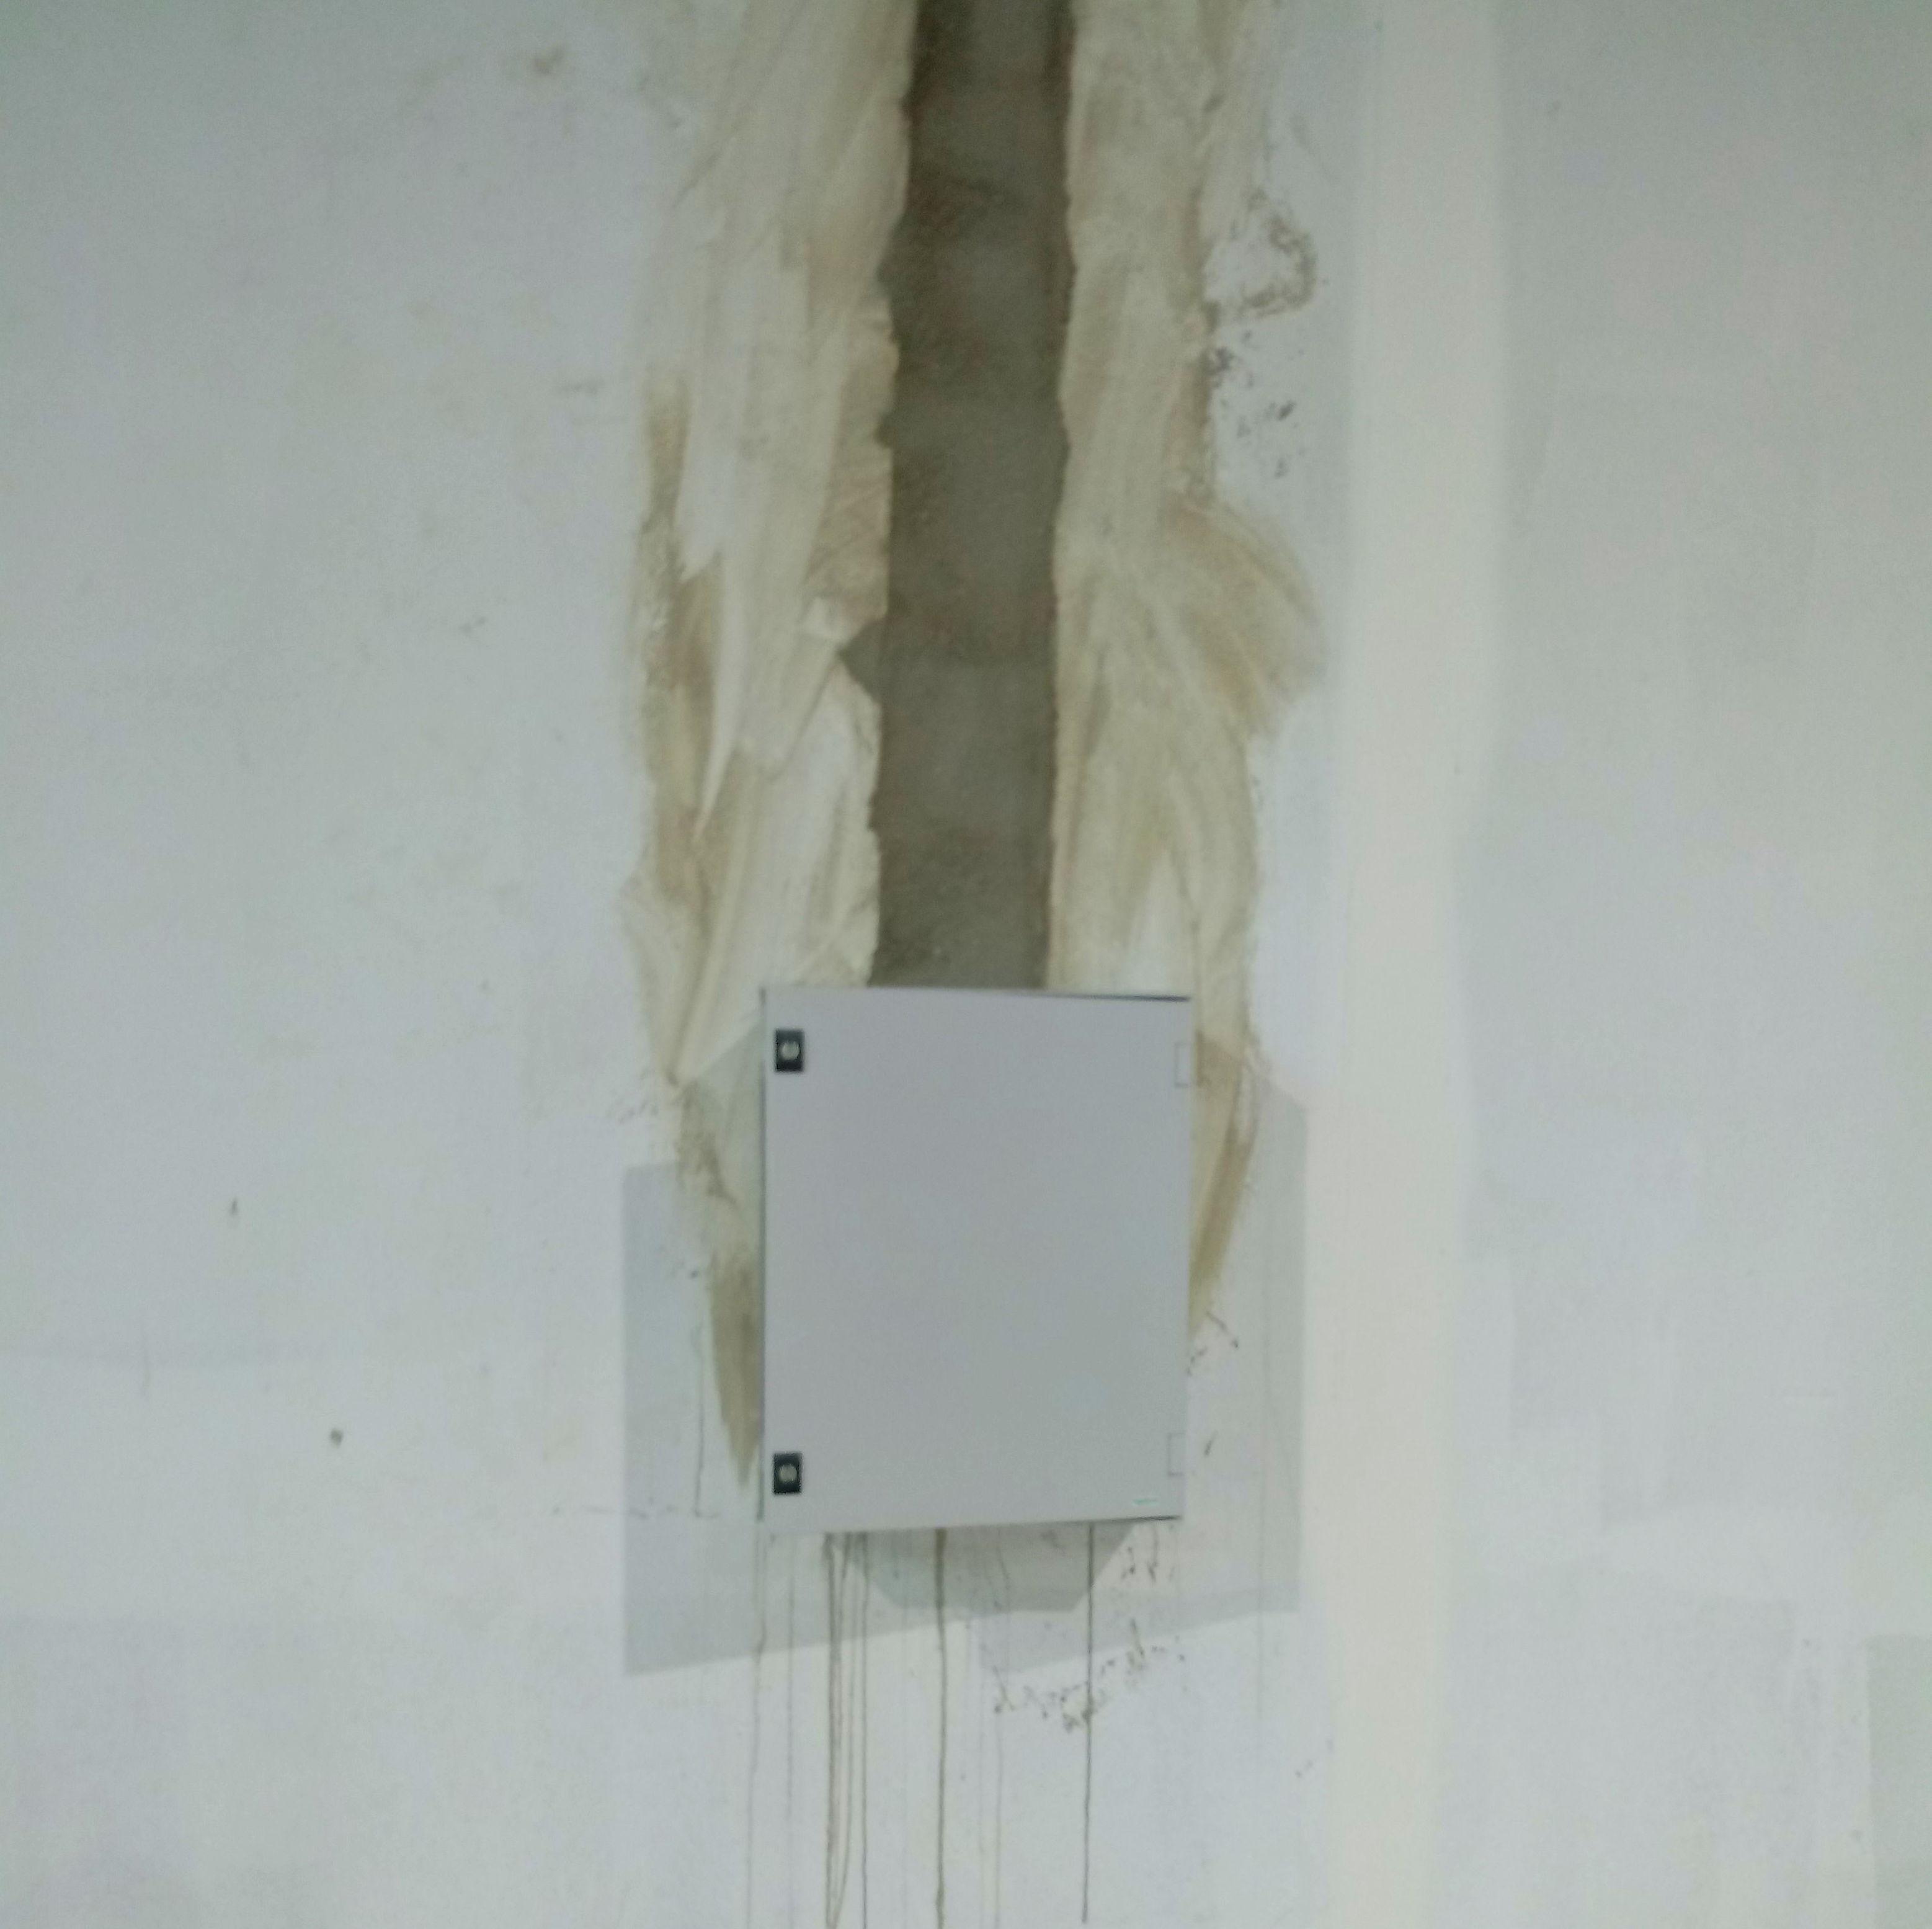 Foto 8 de Reparaciones eléctricas en Roquetas de Mar | Instalación y mantenimiento José A. Muñoz